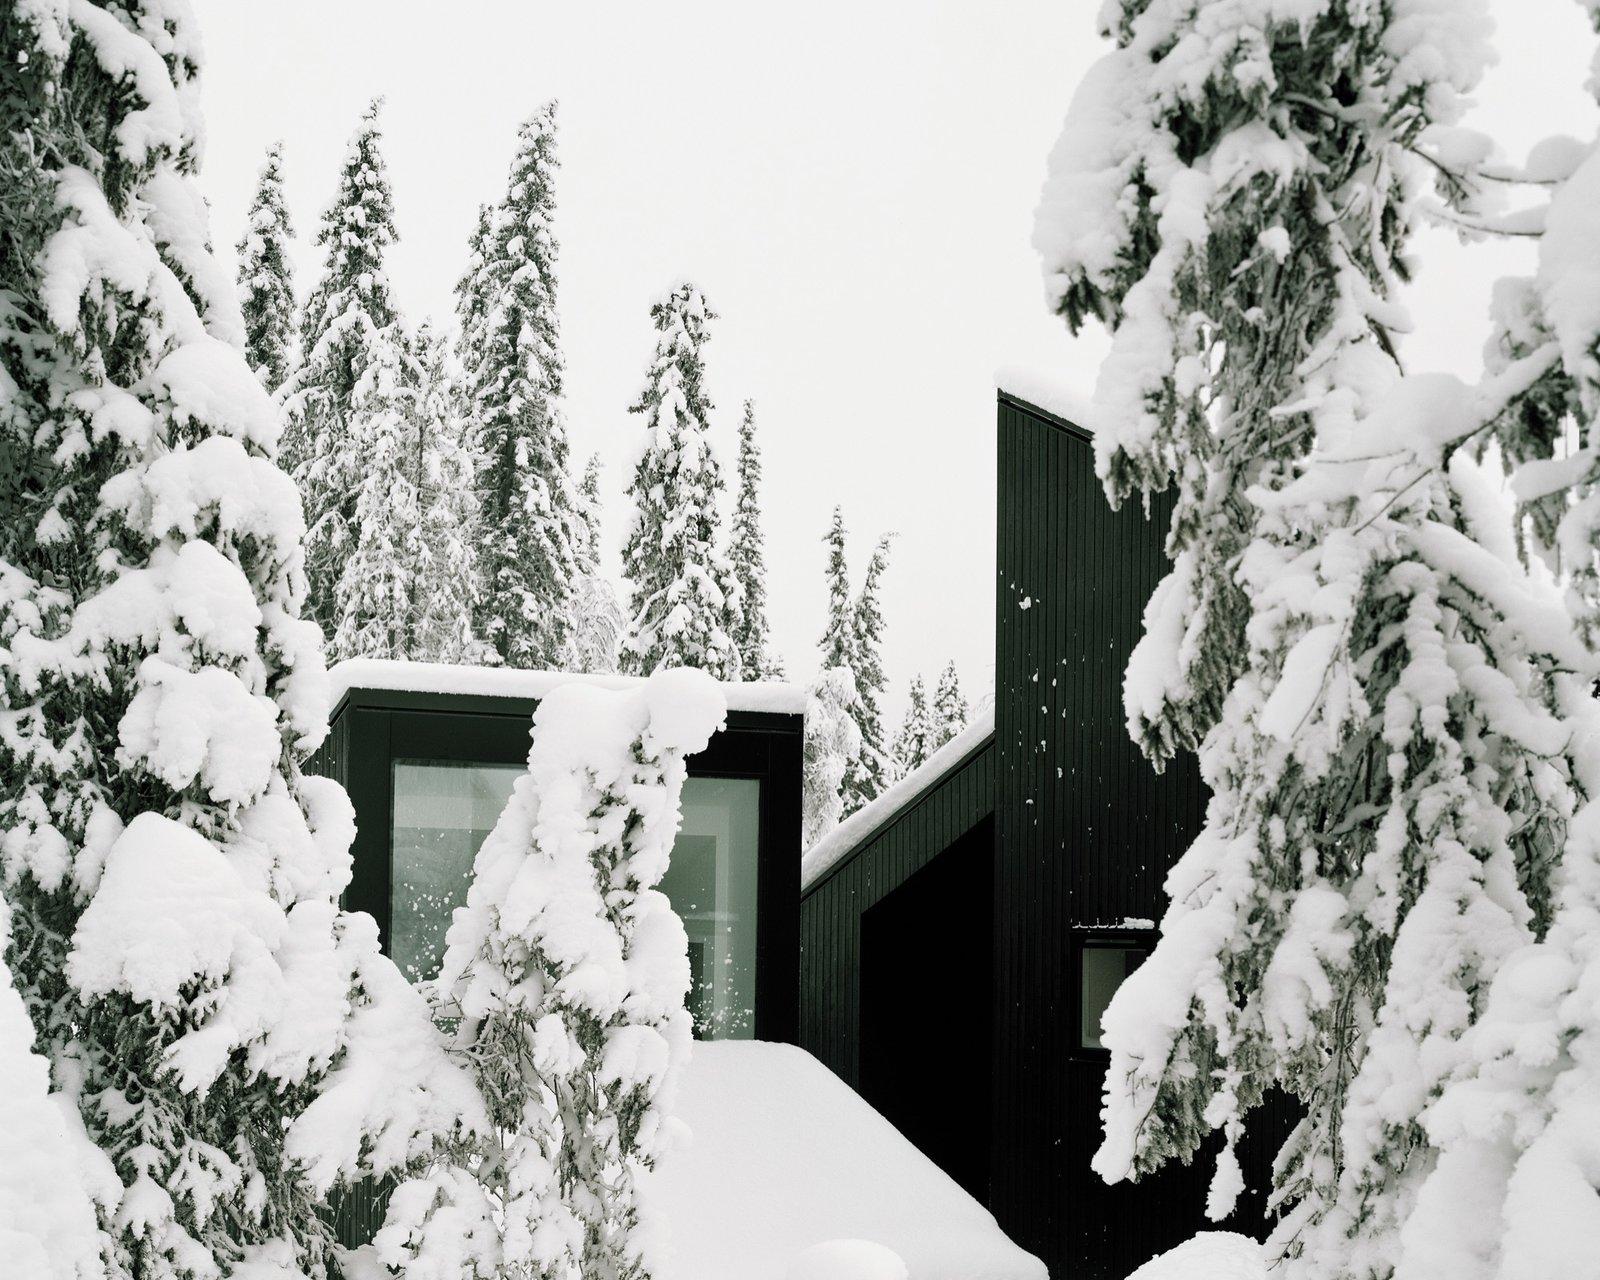 Photo 8 of 18 in The Vindheim Cabin: Snowbound in Norway